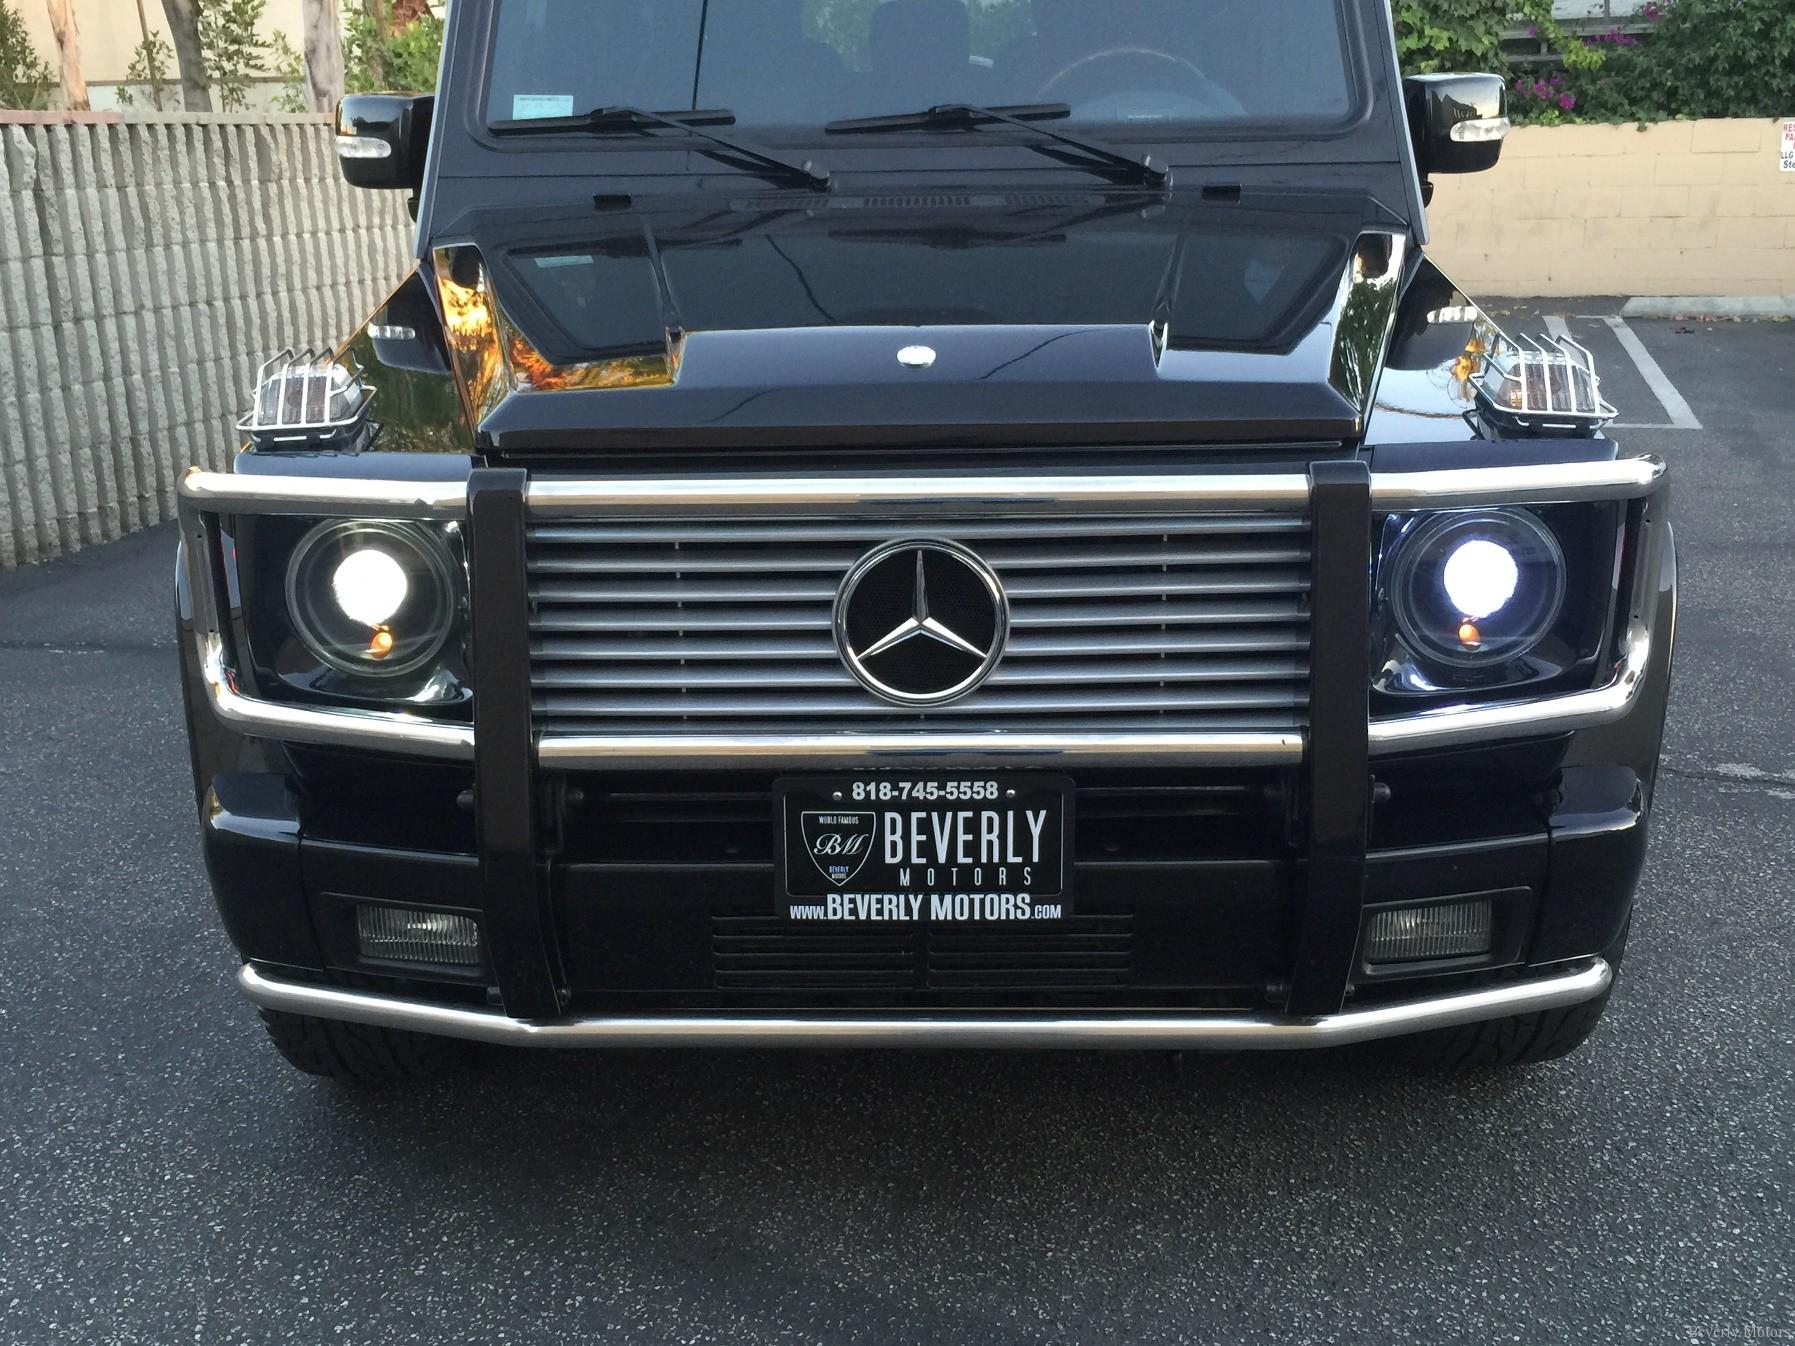 2003 Mercedes Benz G55 Amg Designo Black On Black For Sale